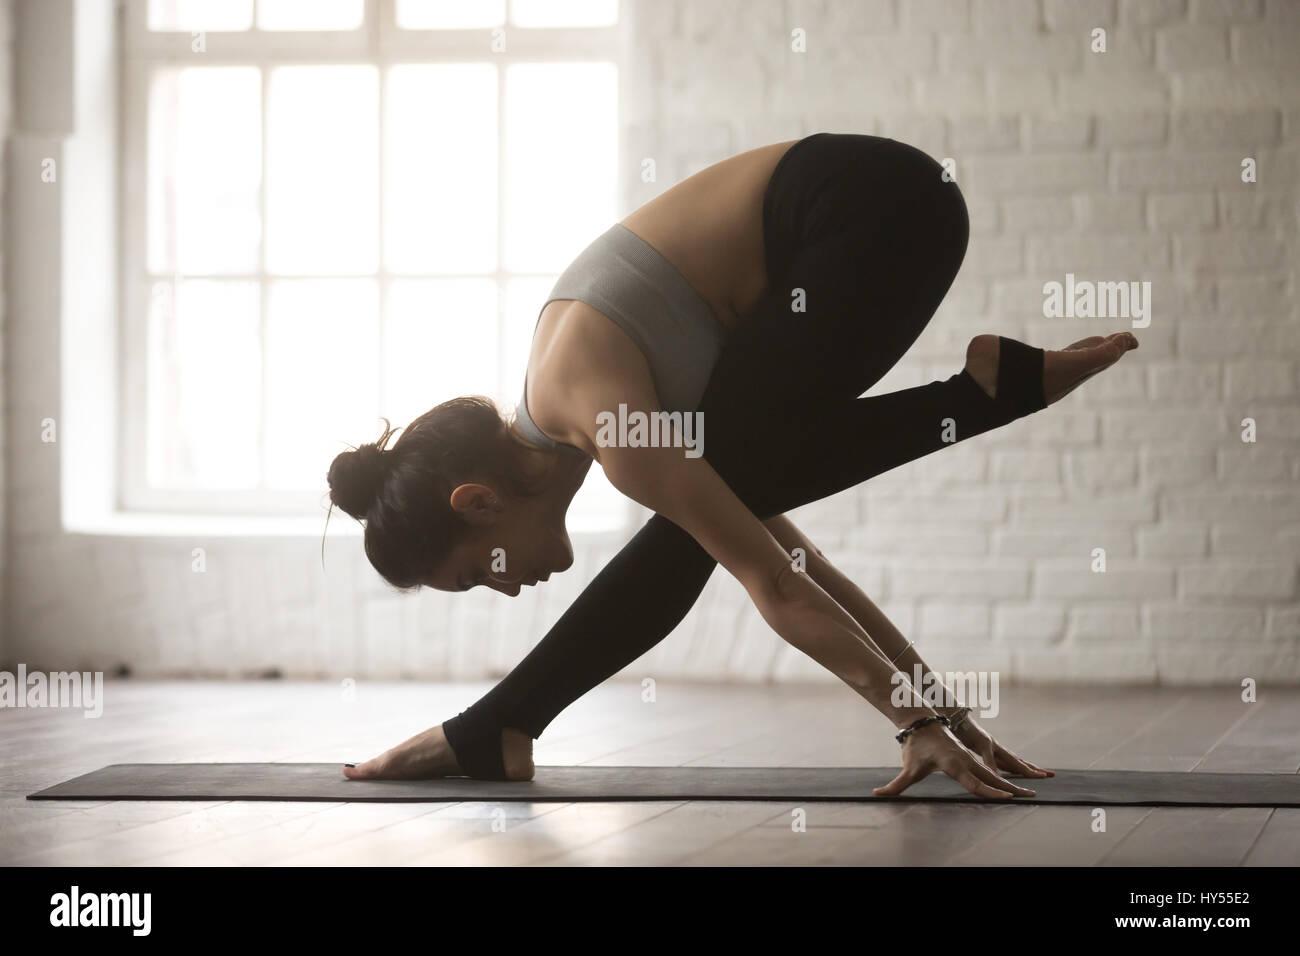 Jeune femme séduisante en équilibre danse posent, loft blanc studi Photo Stock